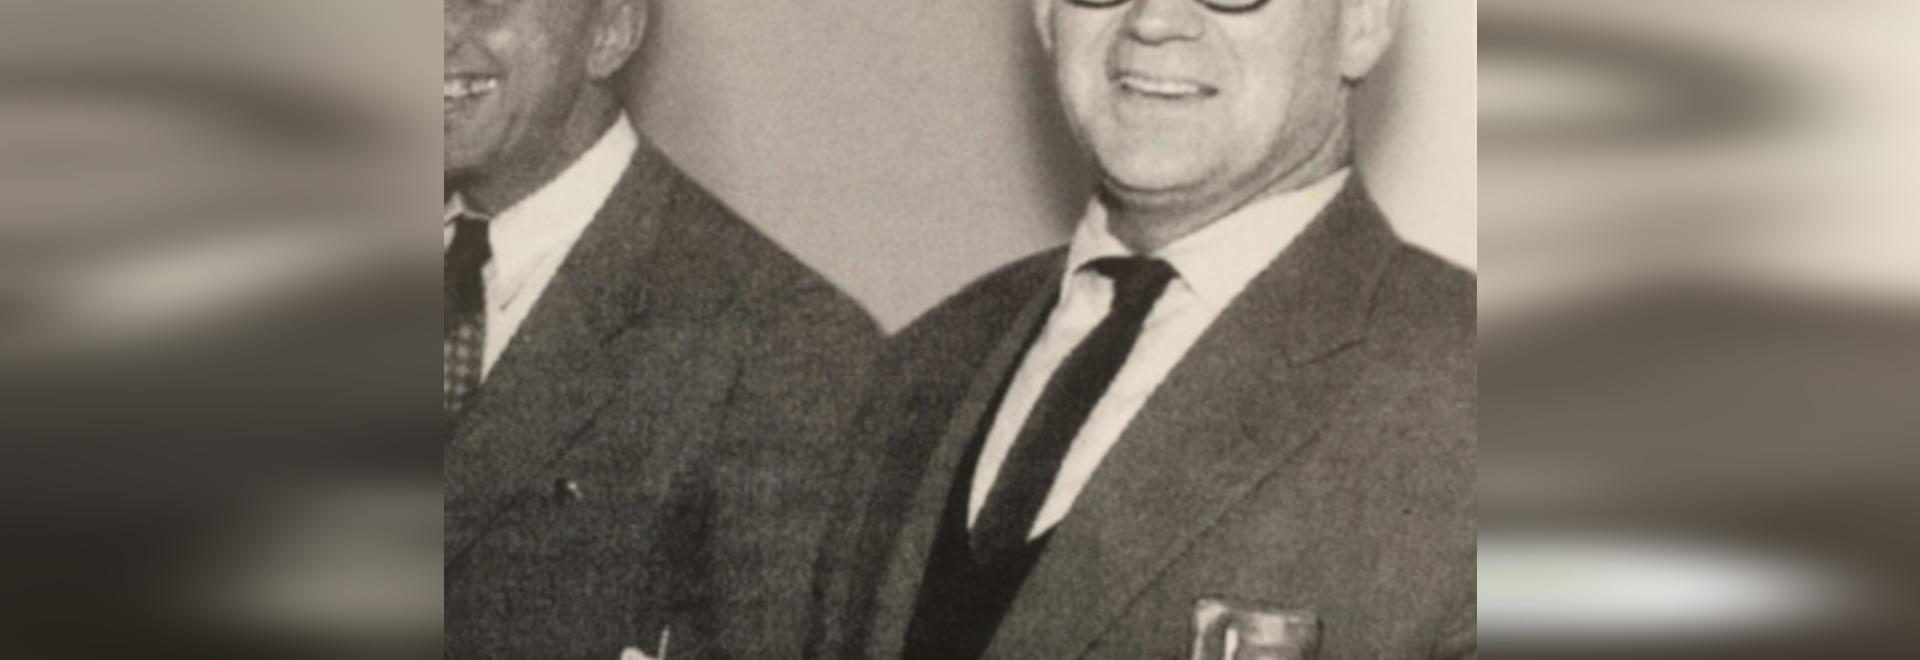 Architekt und Bauhausschüler Herbert Hirche (19010-2002) prägte nicht nur die Produktentwicklung bei Wilkhahn in den fünfziger und sechziger Jahren, sondern auch den Wilkhahn-Campus mit dem neuen V...